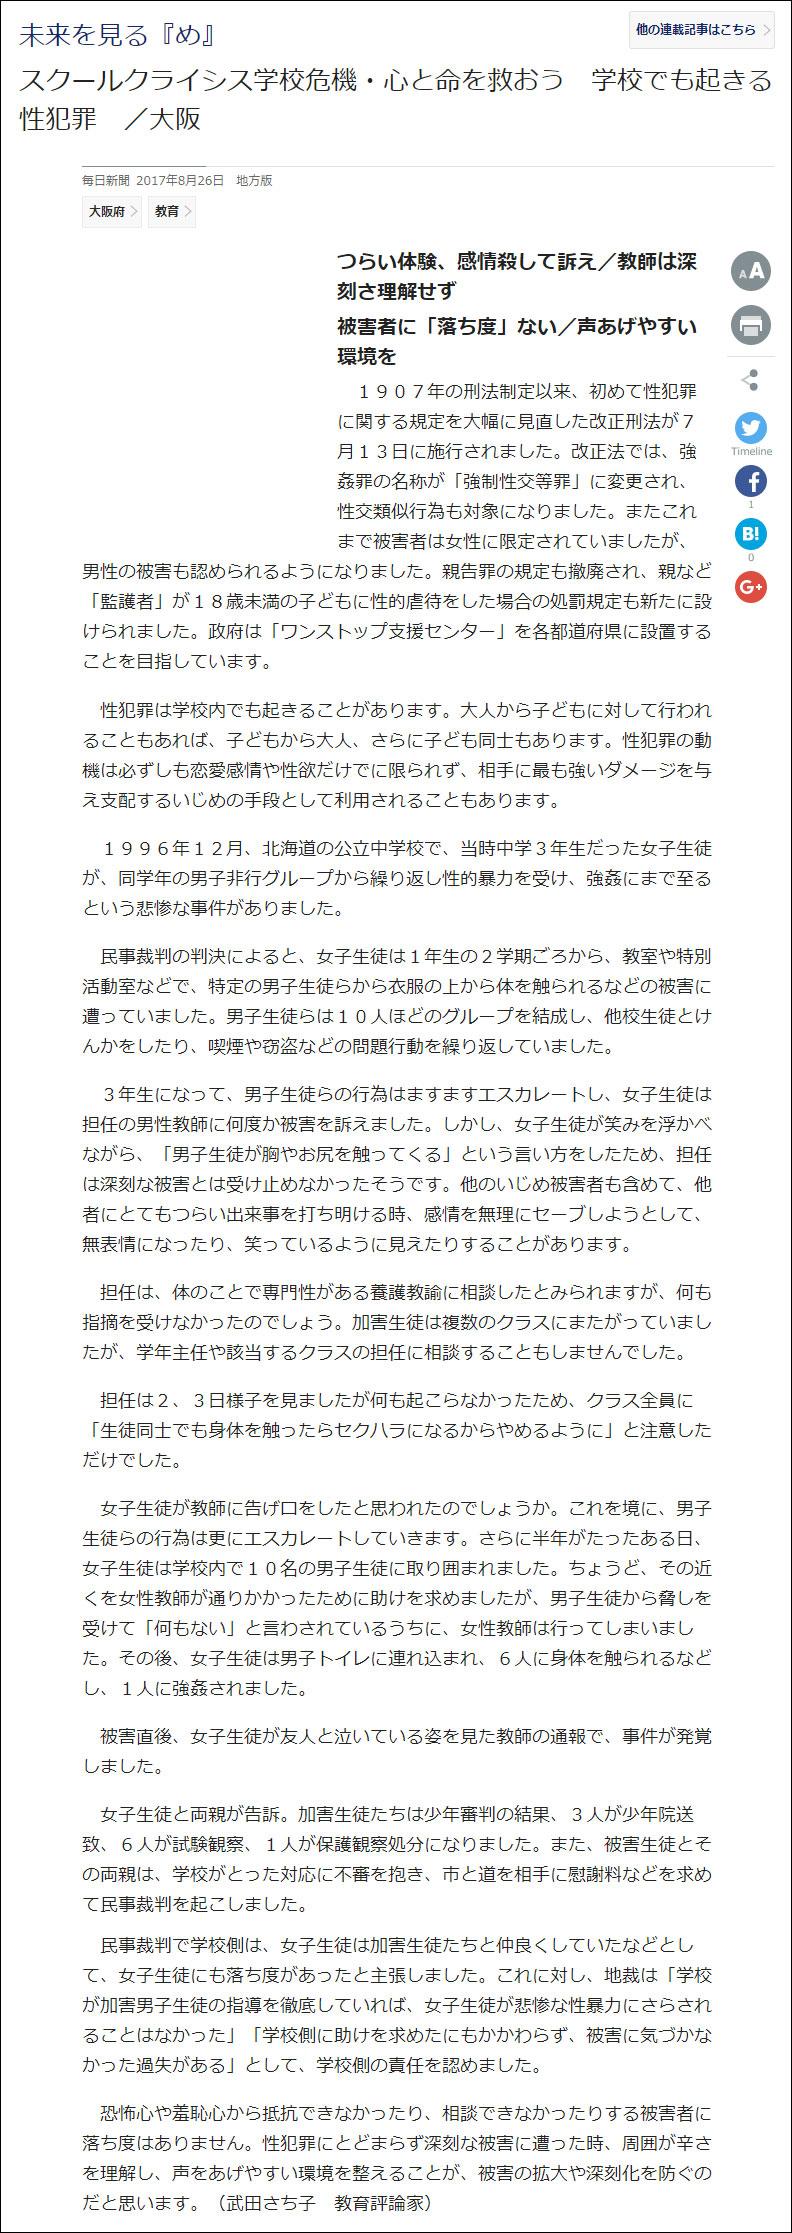 武田さち子:毎日新聞掲載、2017年8月26日「スクールクライシス学校危機・心と命を救おう」